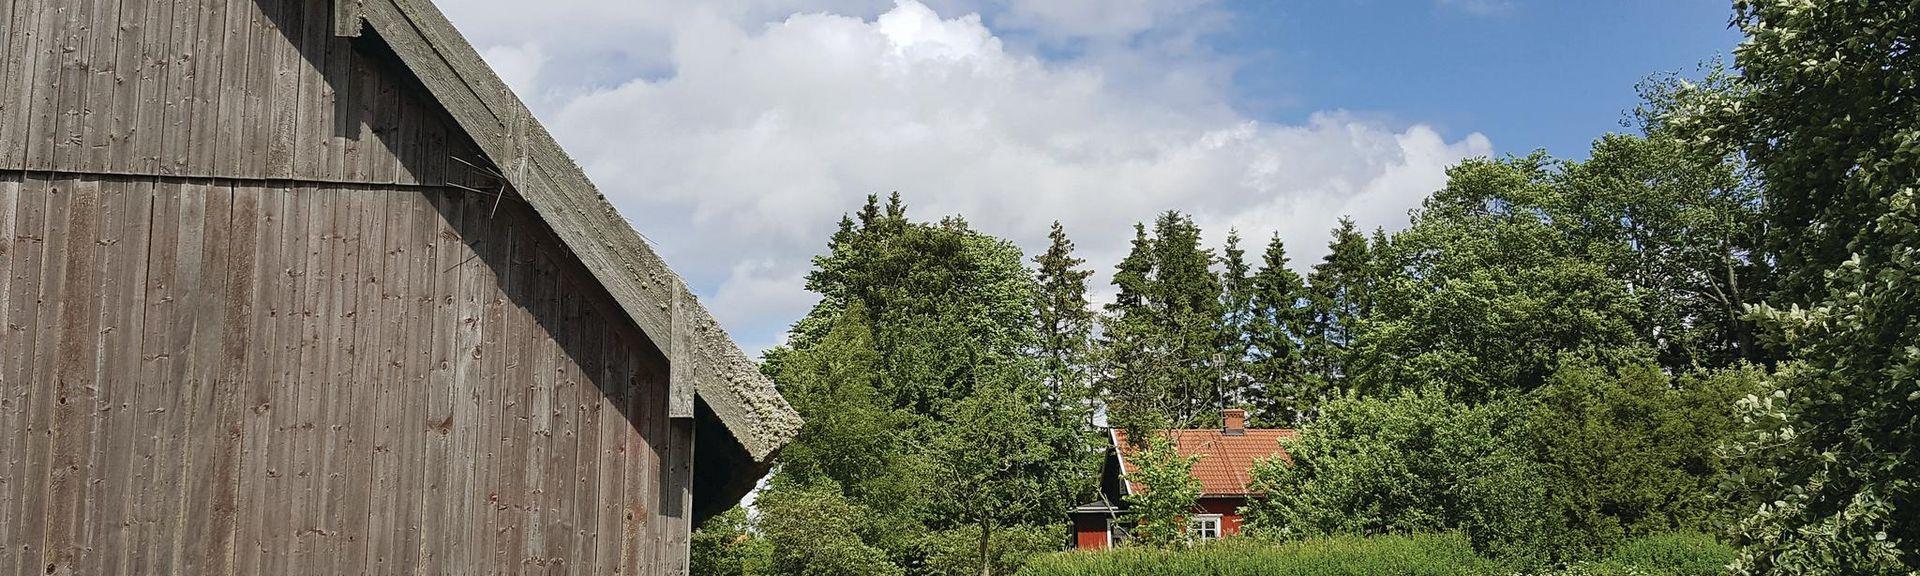 Västergötlands museum, Skara, Västra Götalands län, Sverige